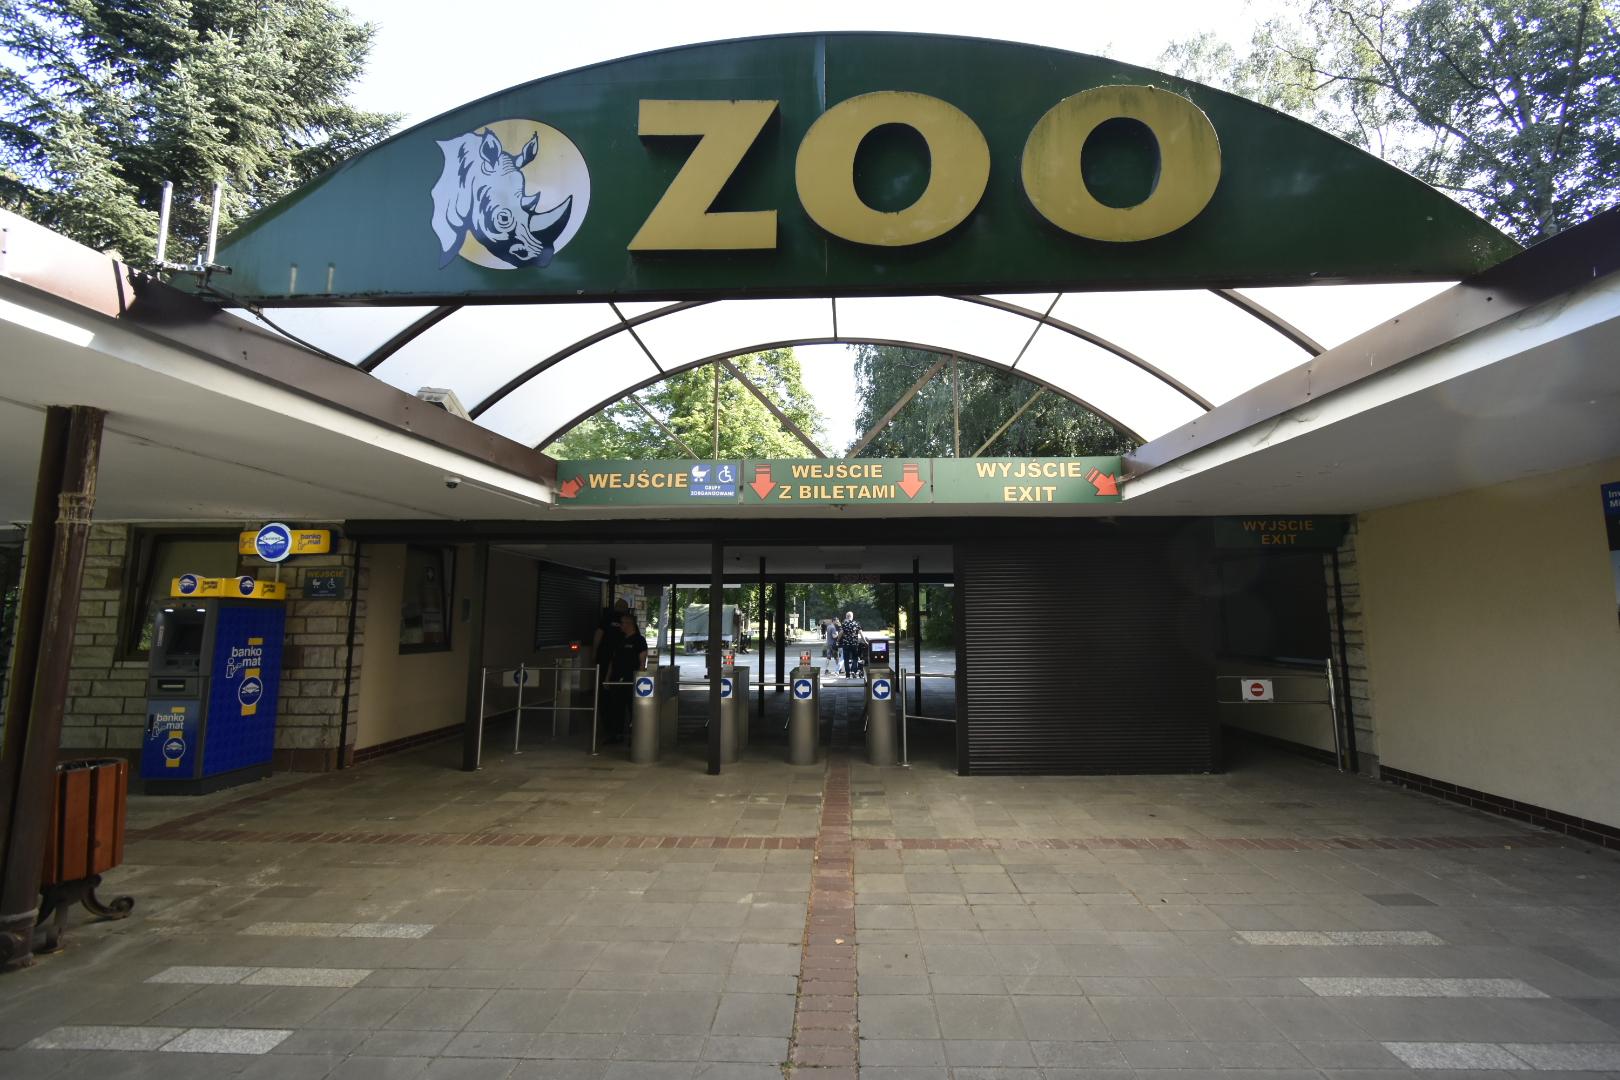 poznańskie zoo poznań zoo  - Wojtek Wardejn